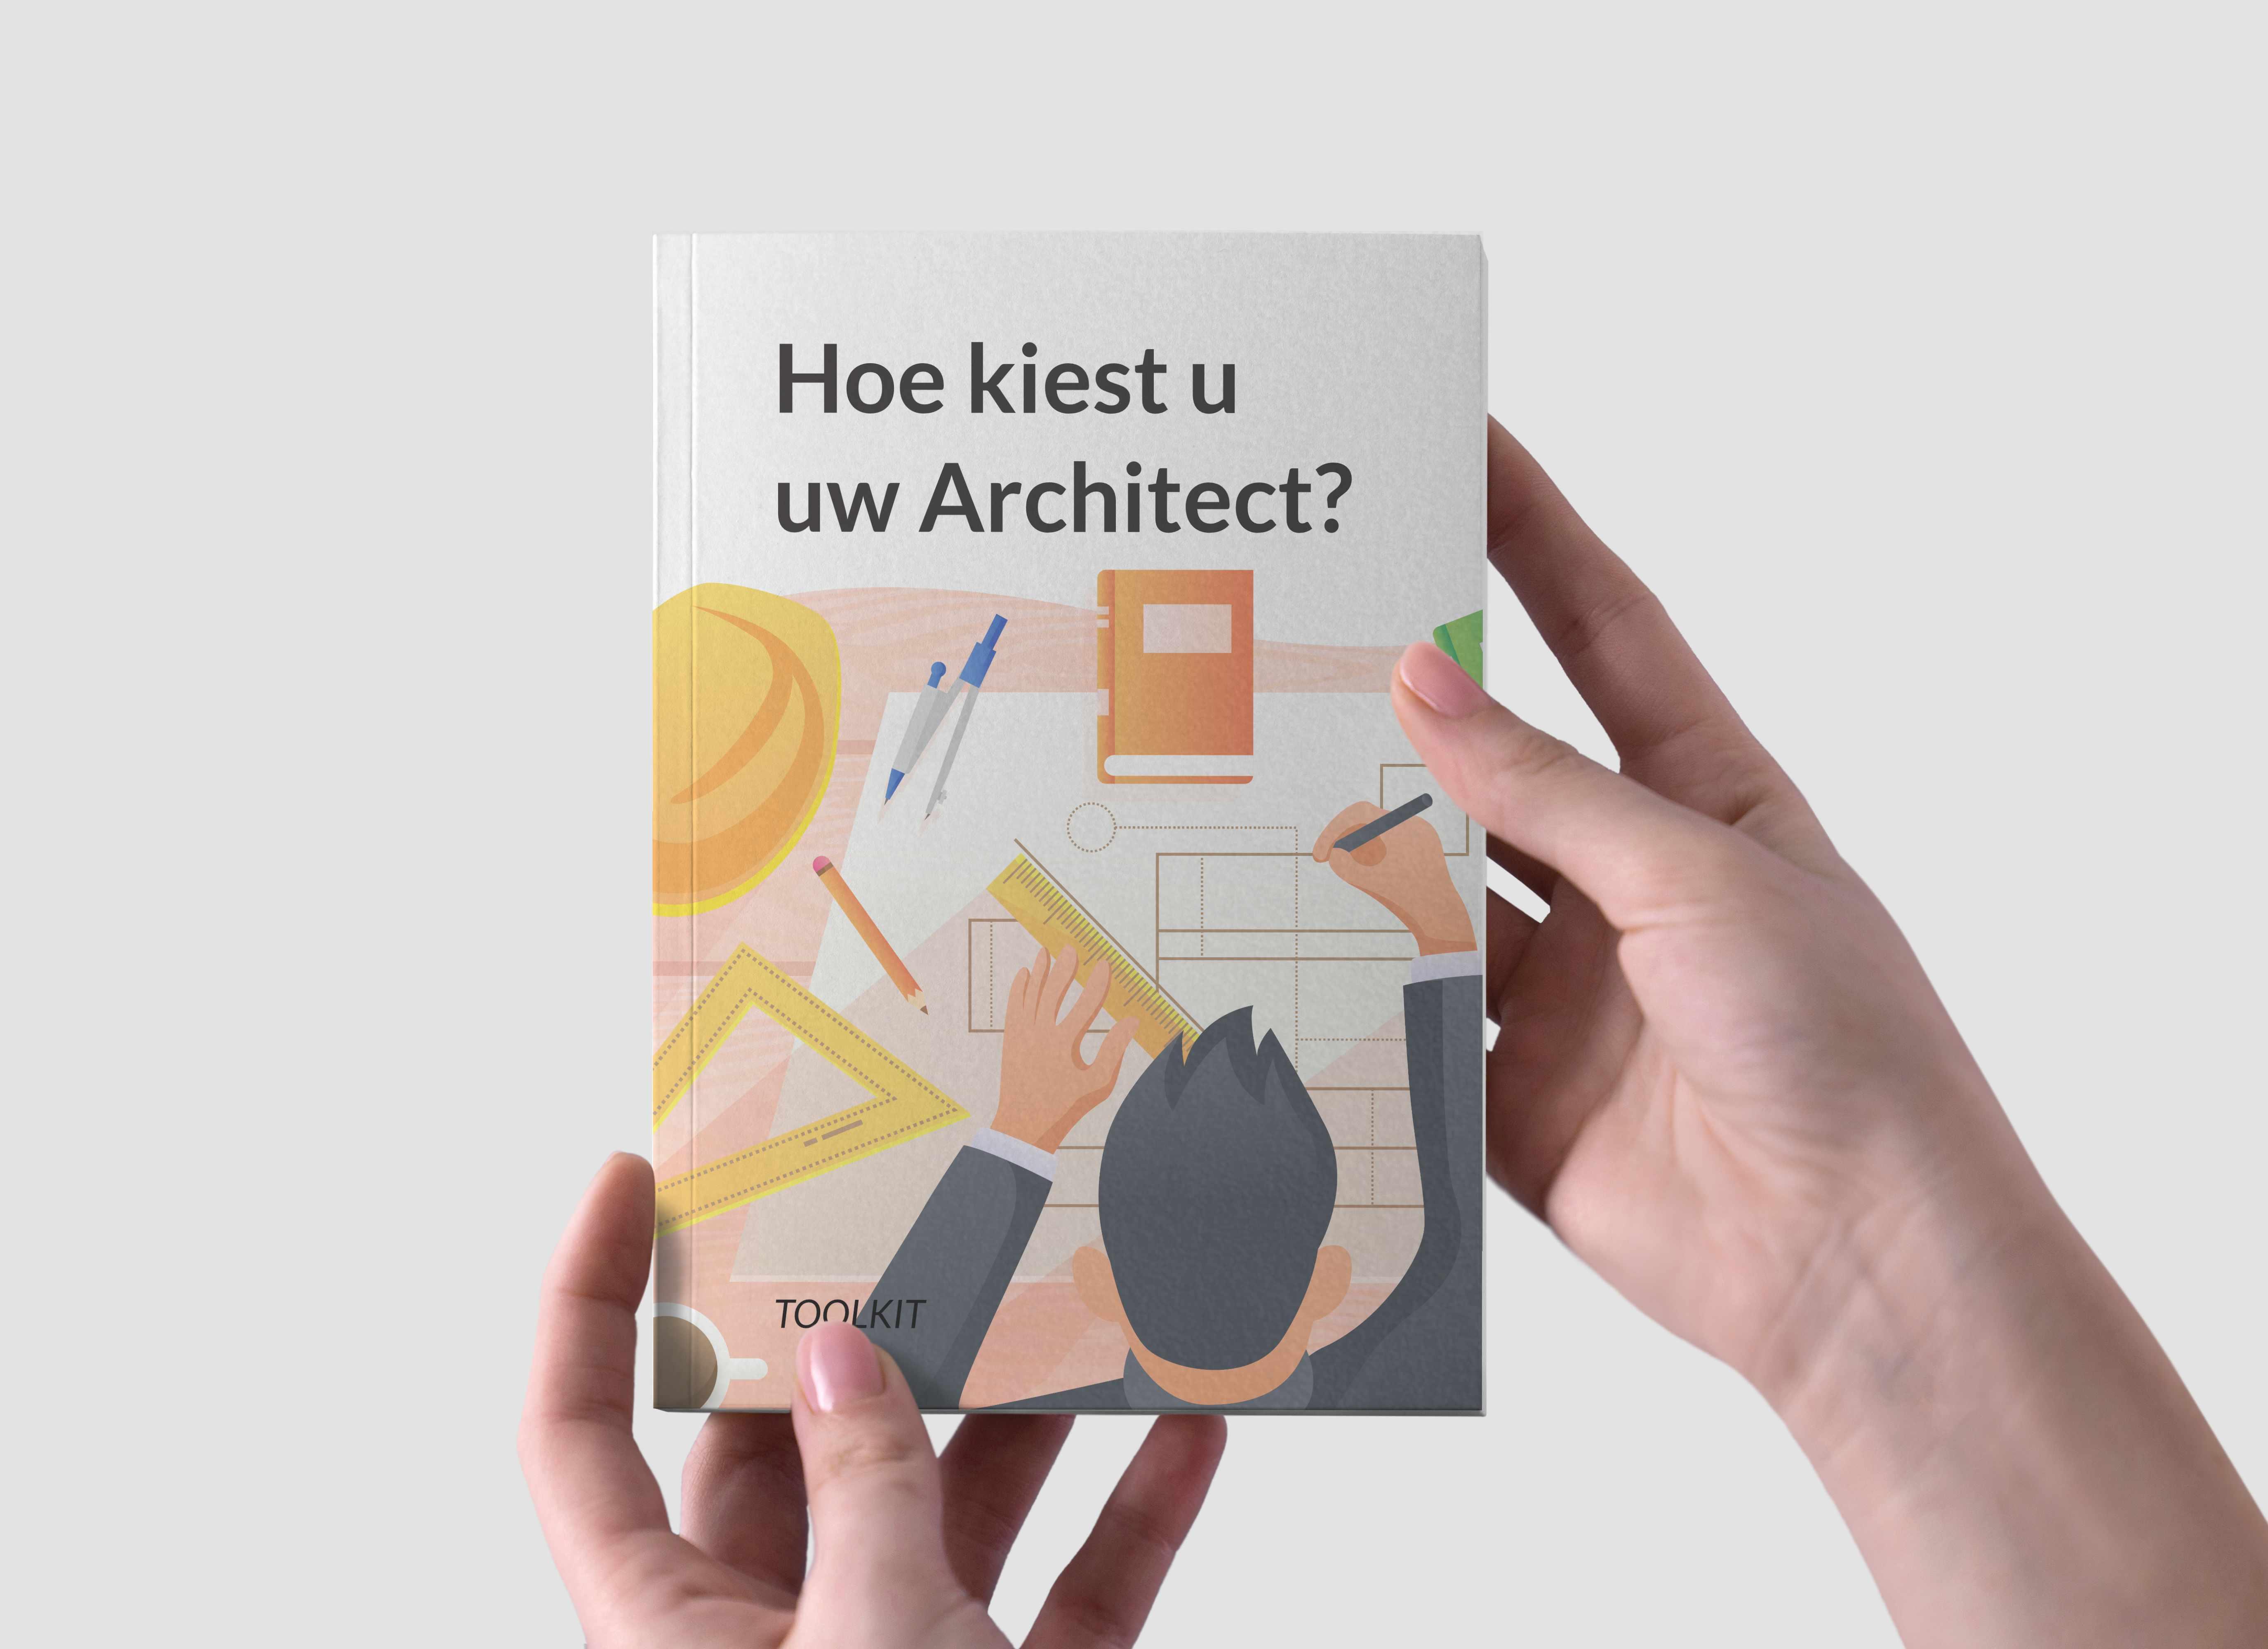 Hoe kiest u uw Architect?-107520749